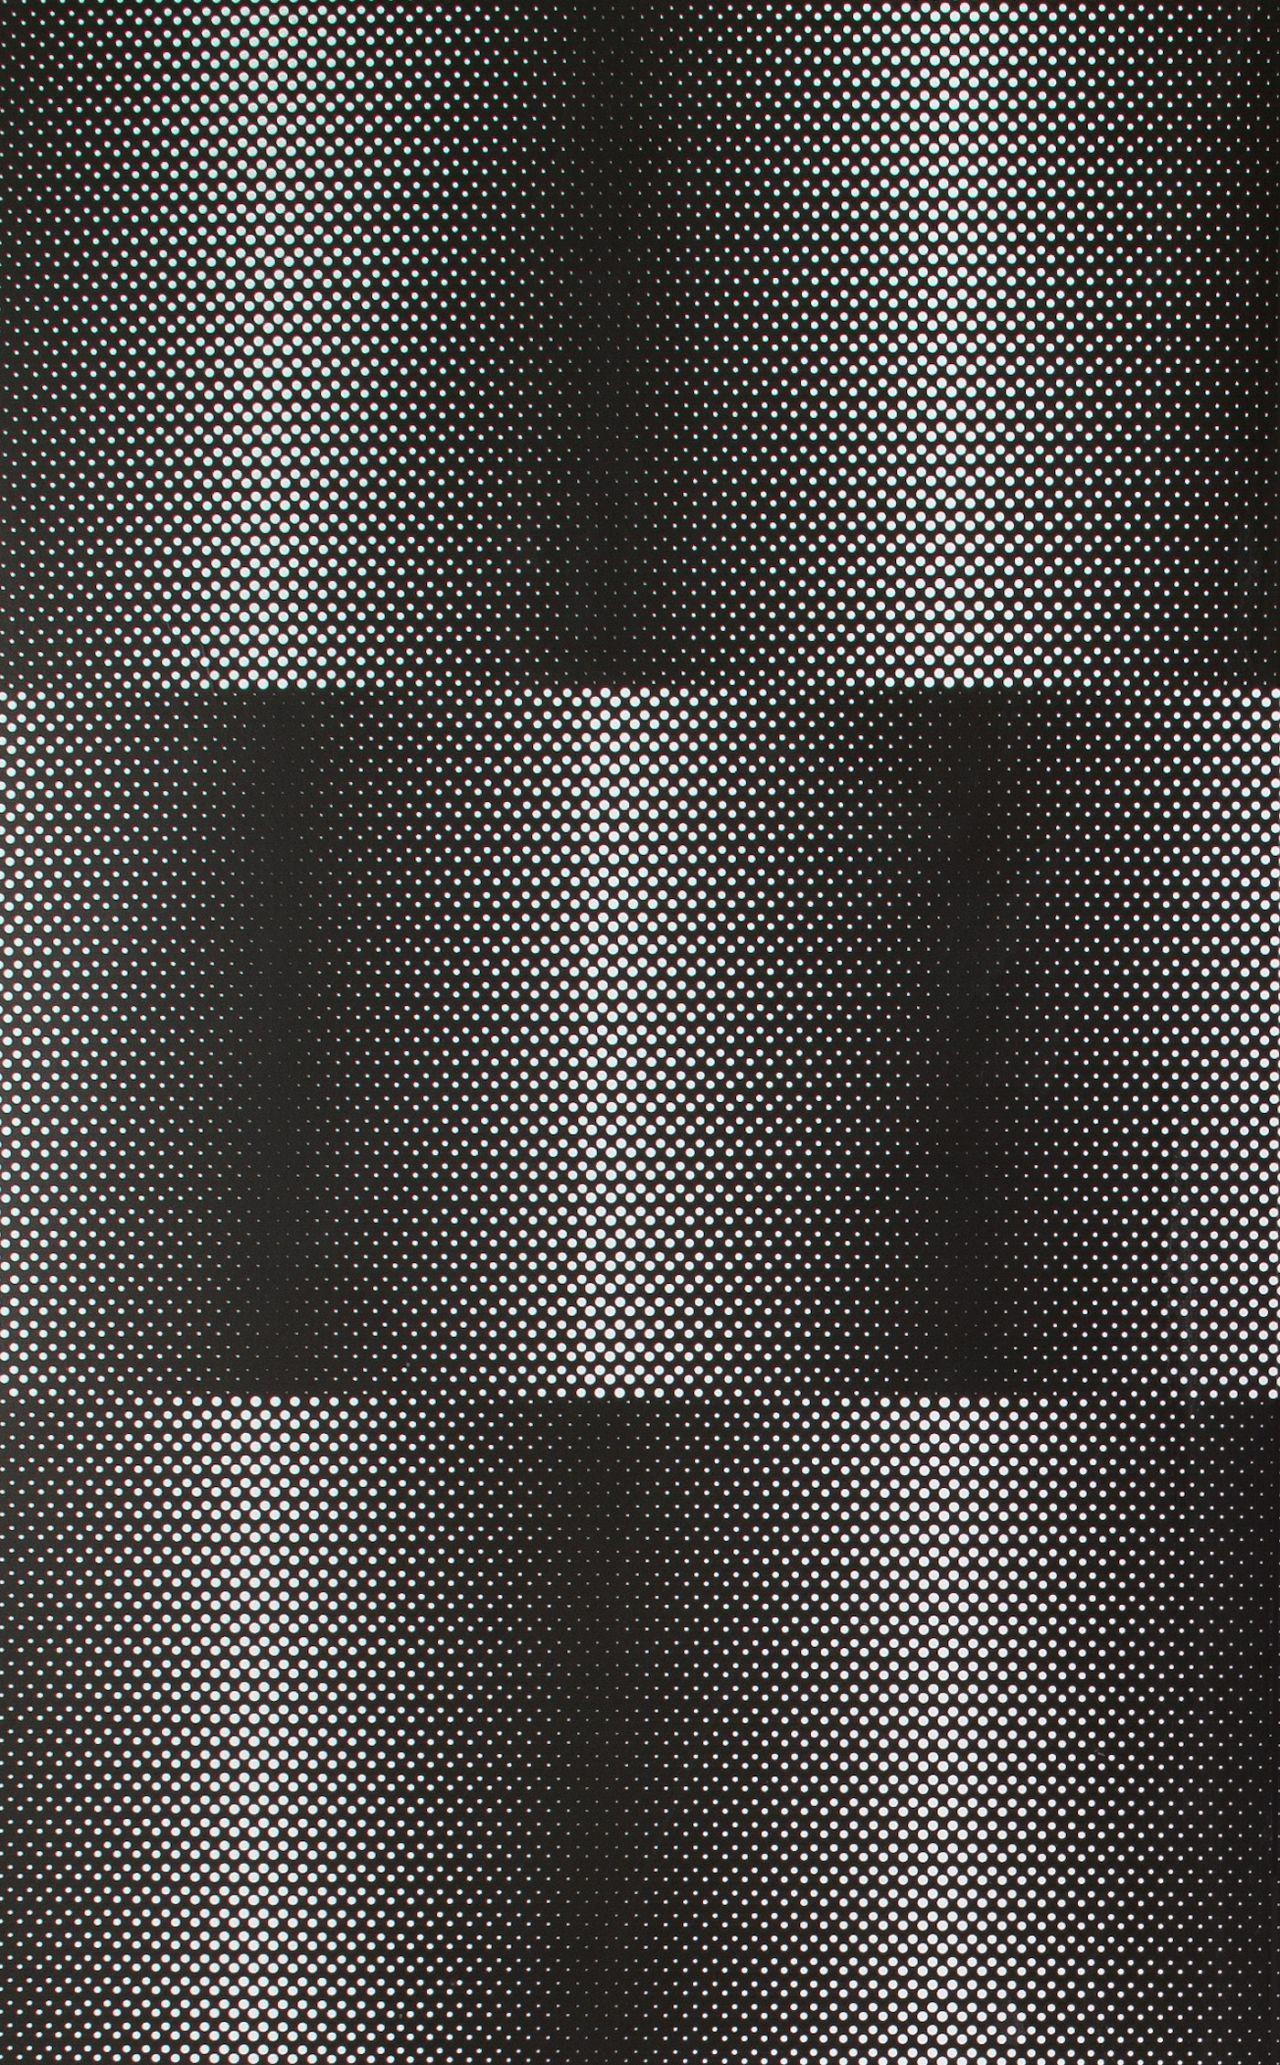 Dot Matrix · Flavor Paper Wallpapers Pinterest